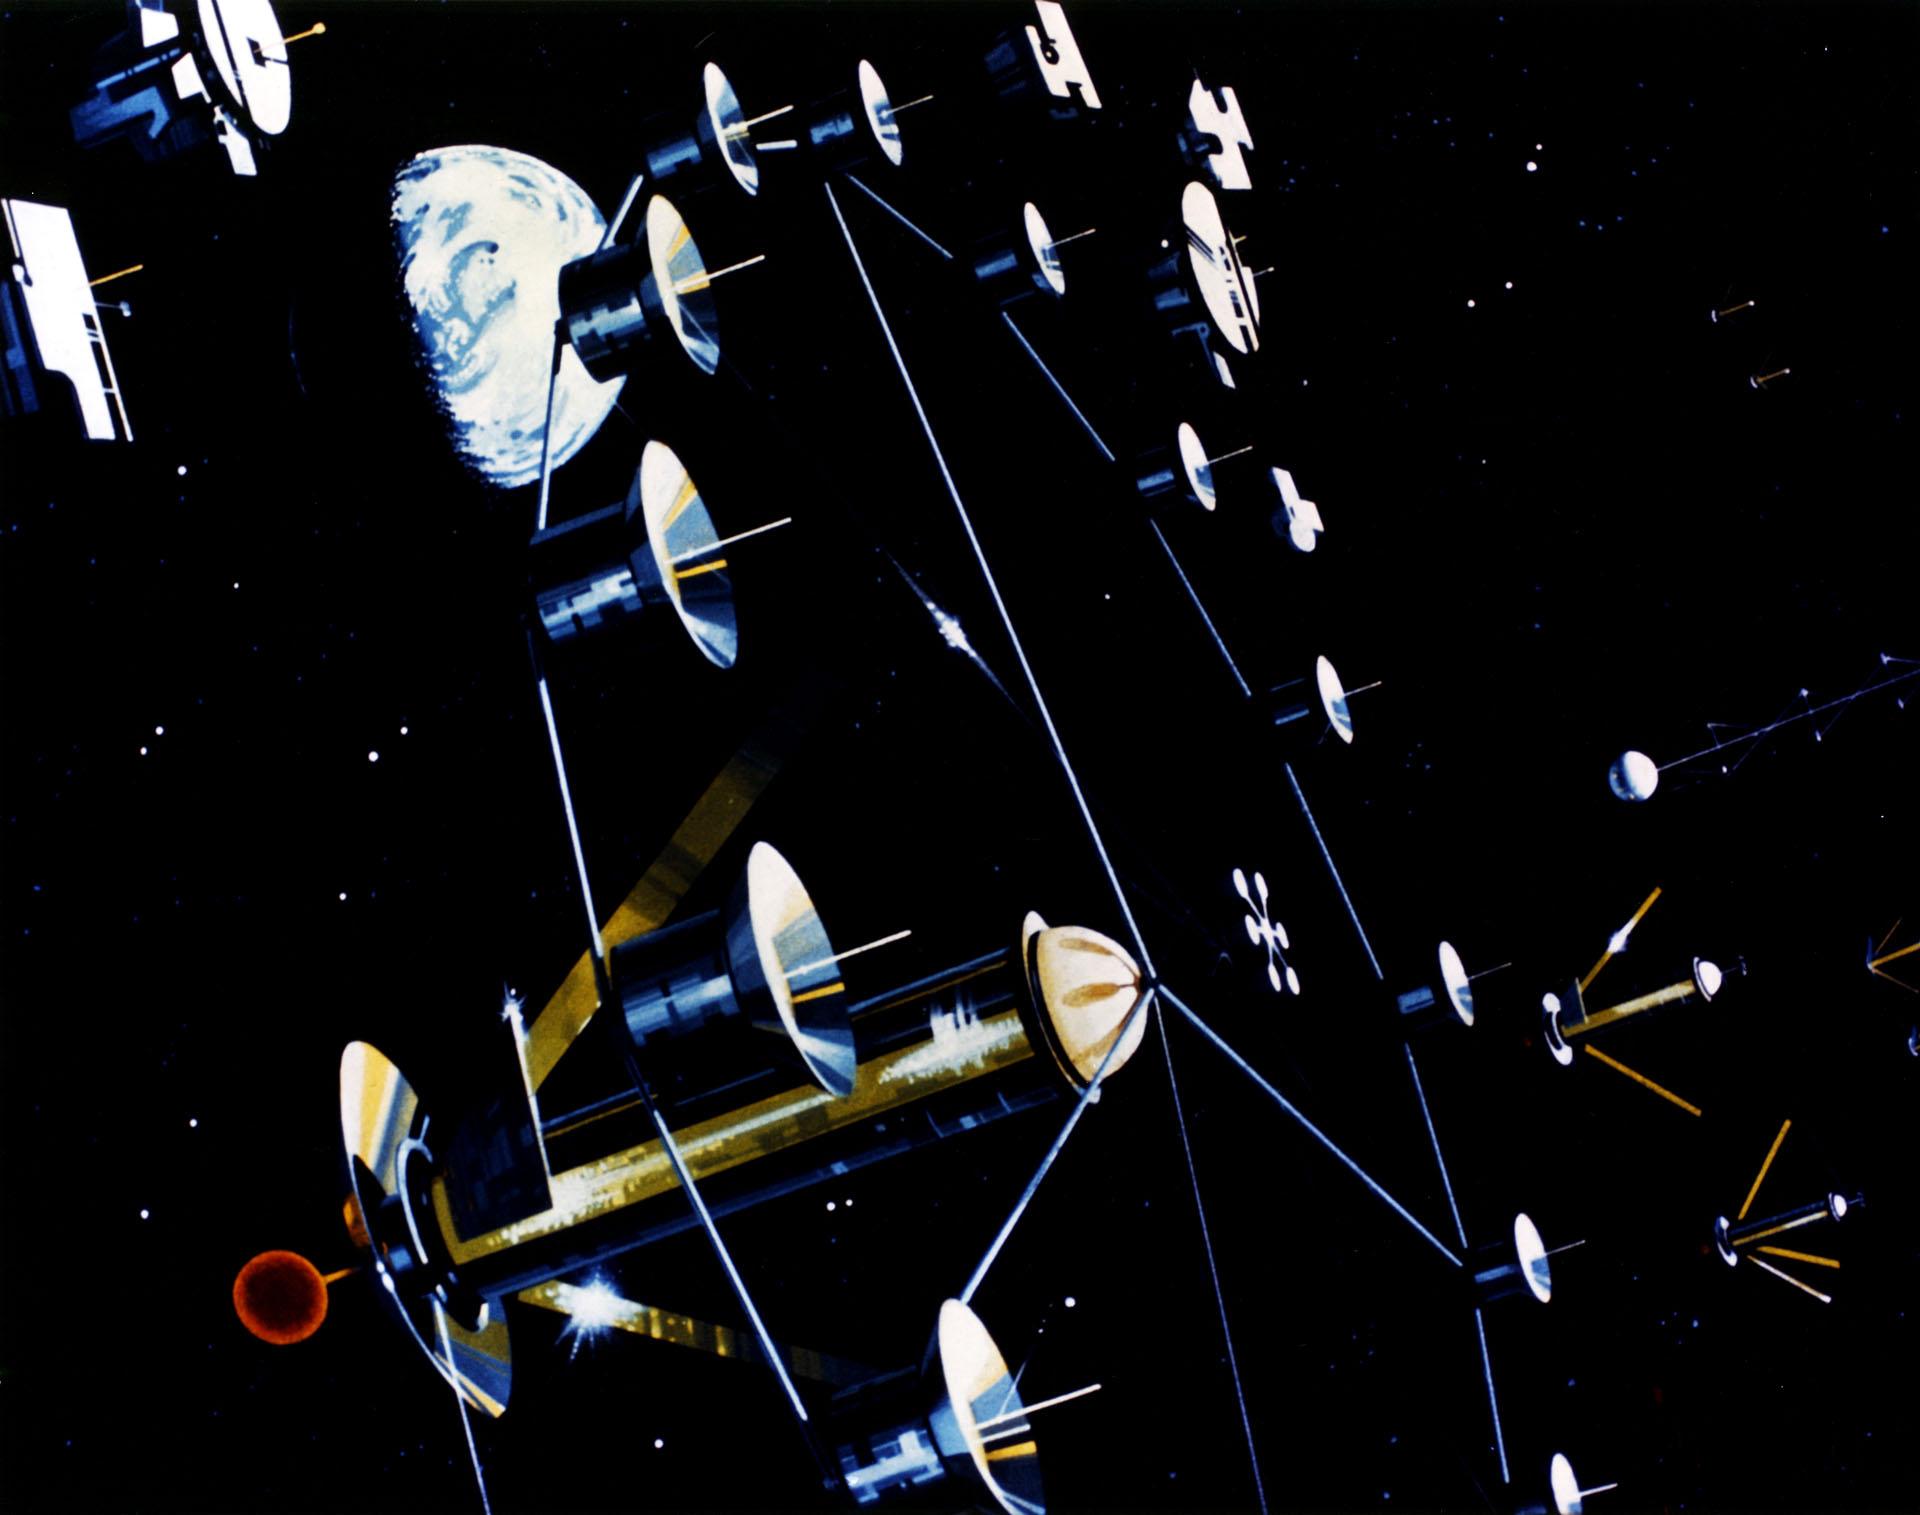 Spacestation70s8420136.jpg